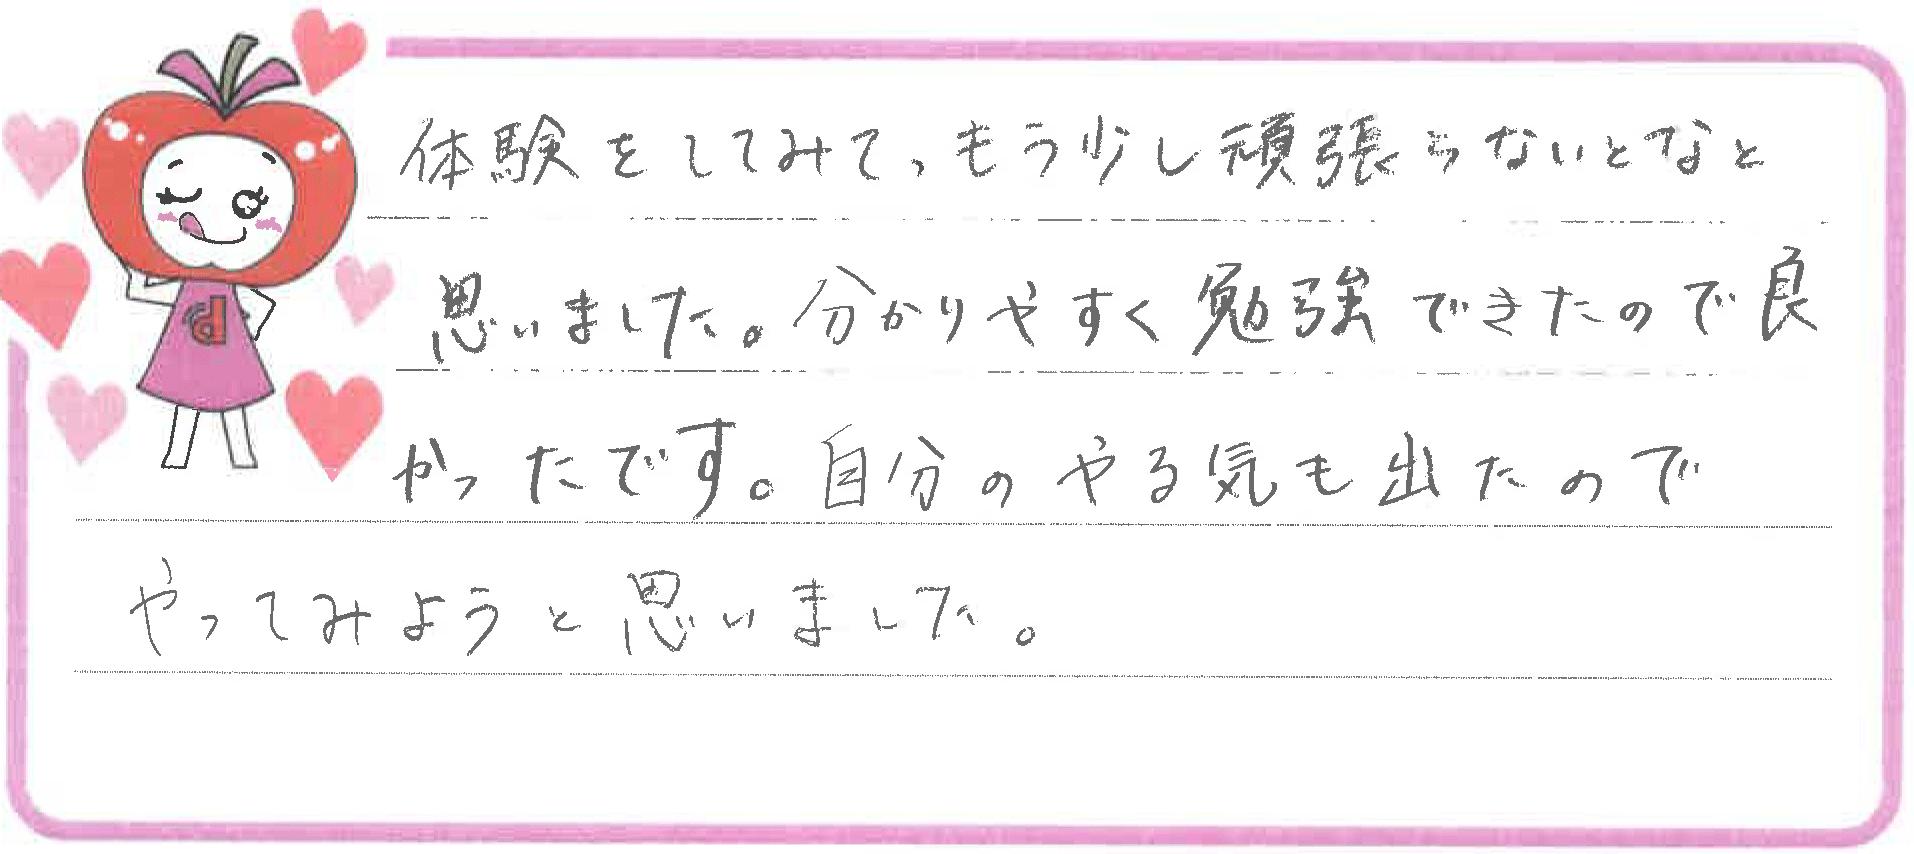 Aちゃん(江津市)からの口コミ